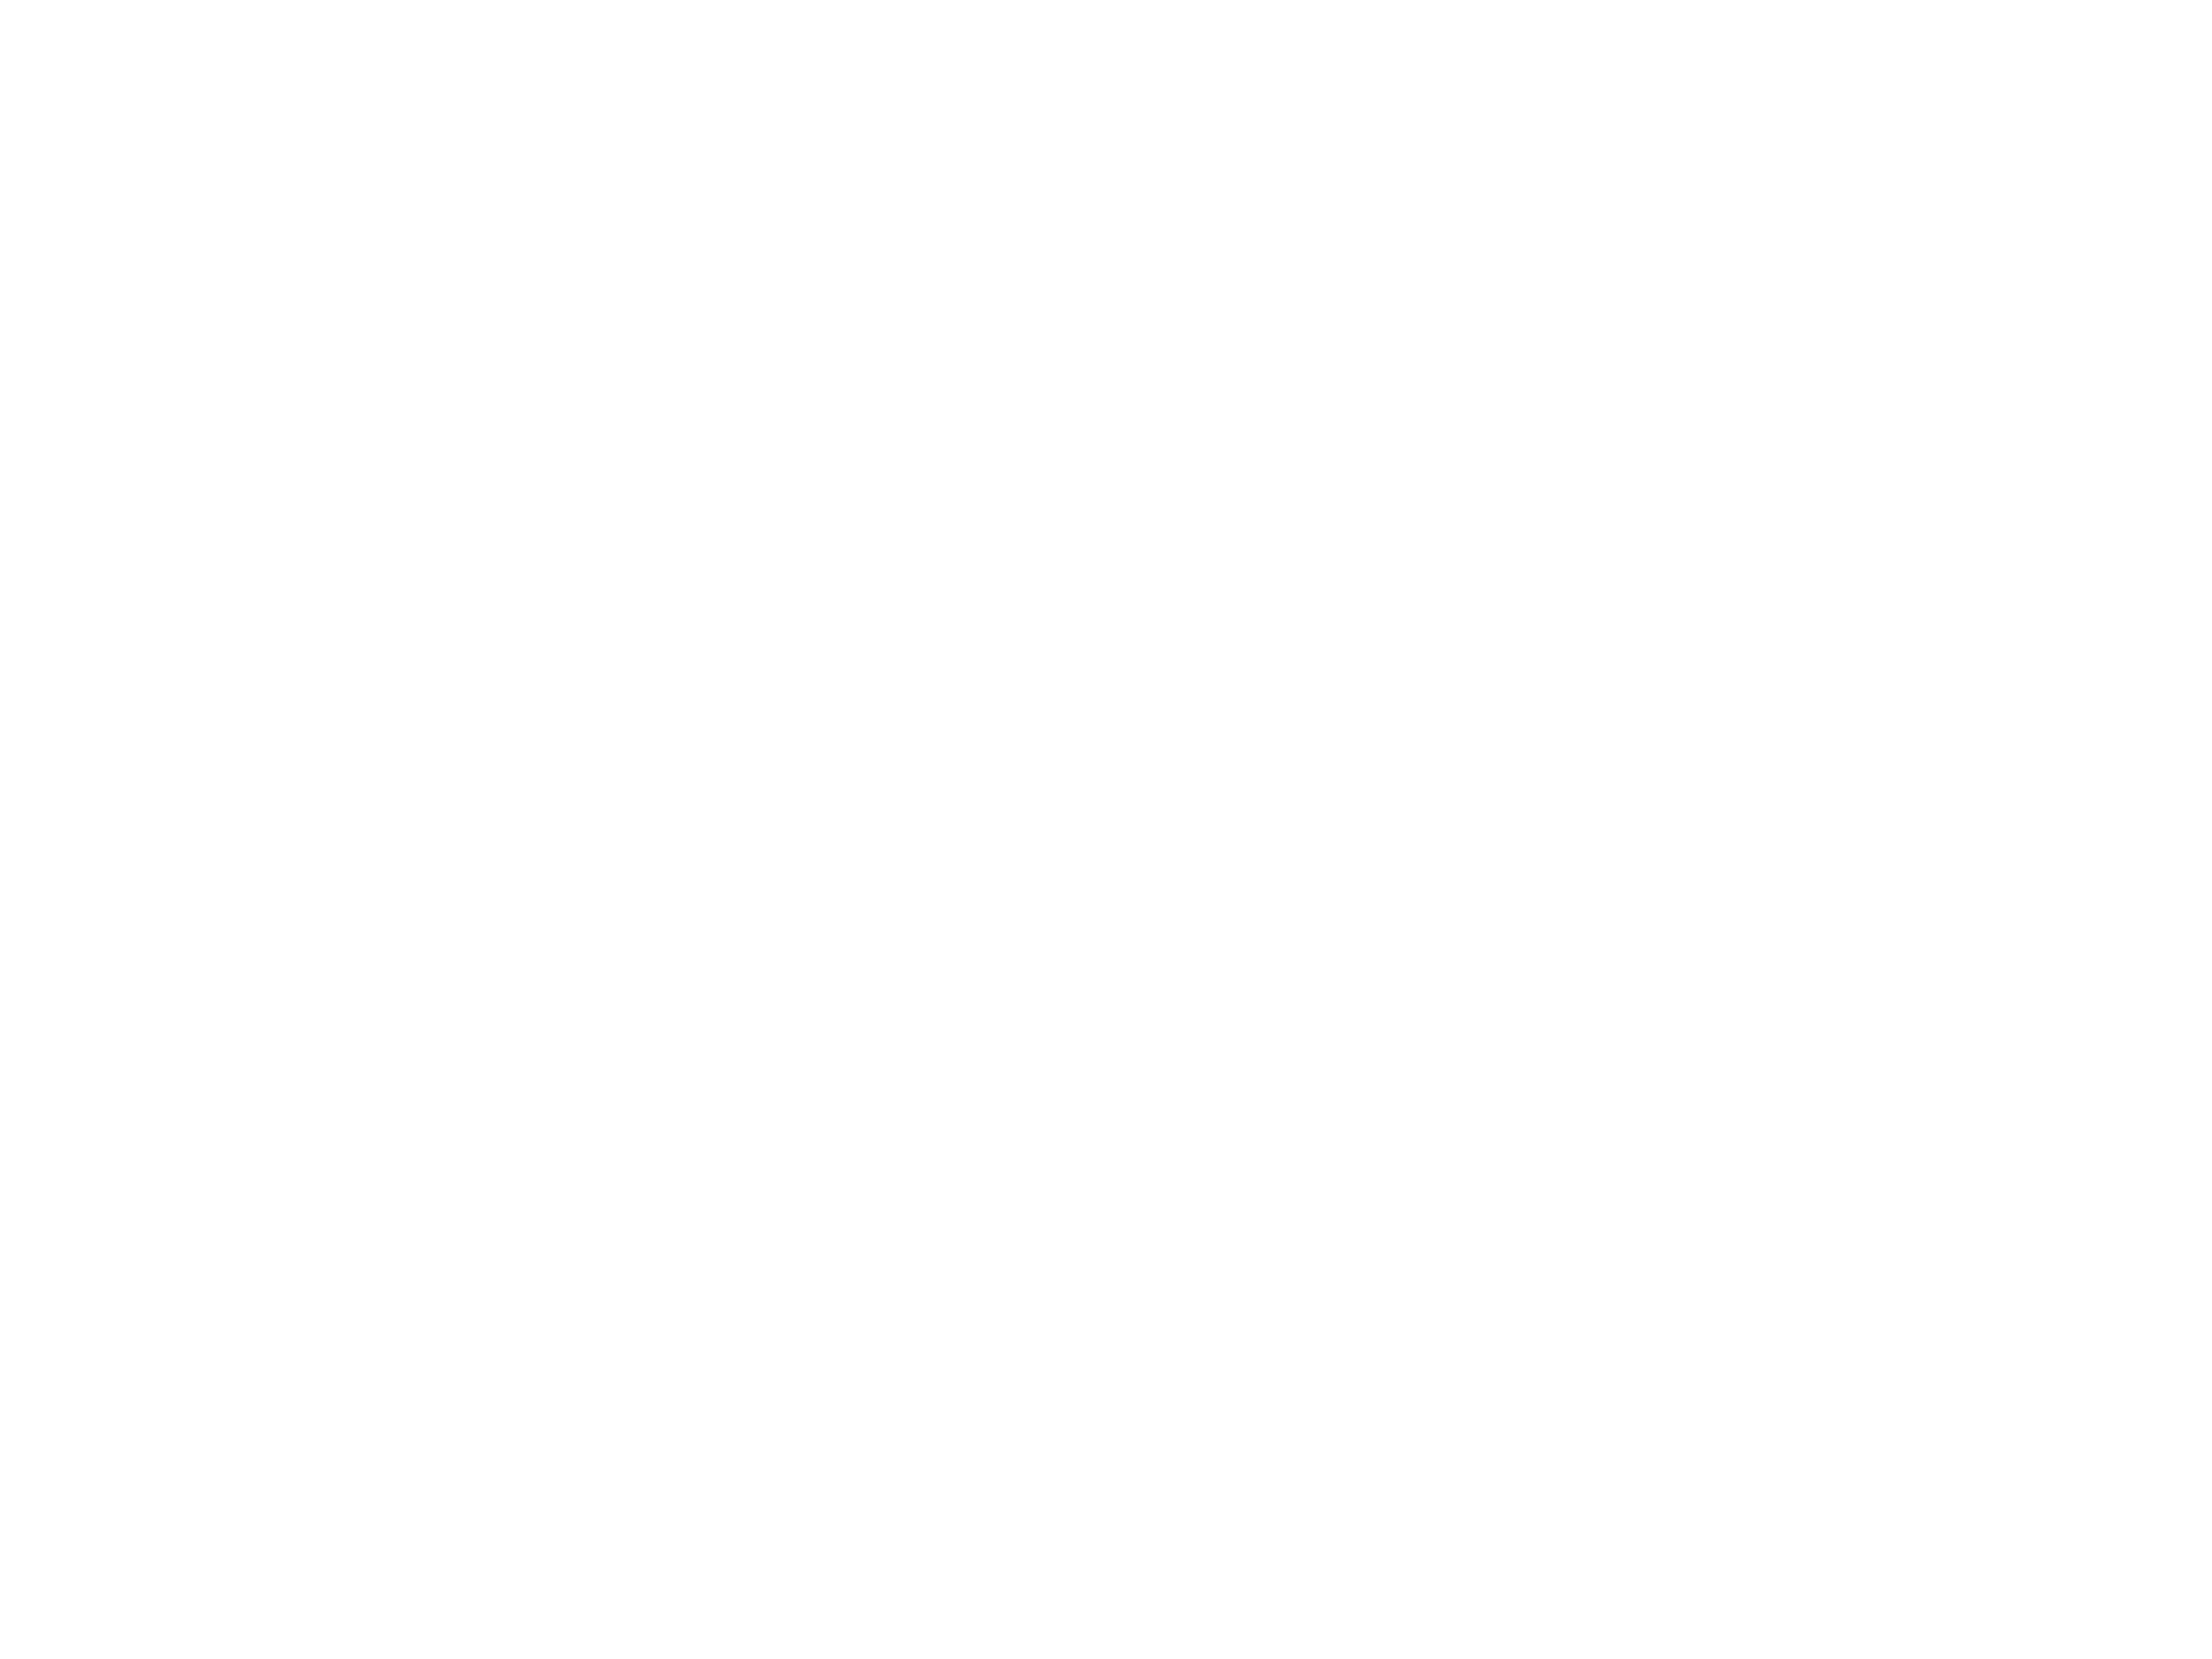 Werkzeugfräsmaschine Deckel FP 3 – 07-07-098